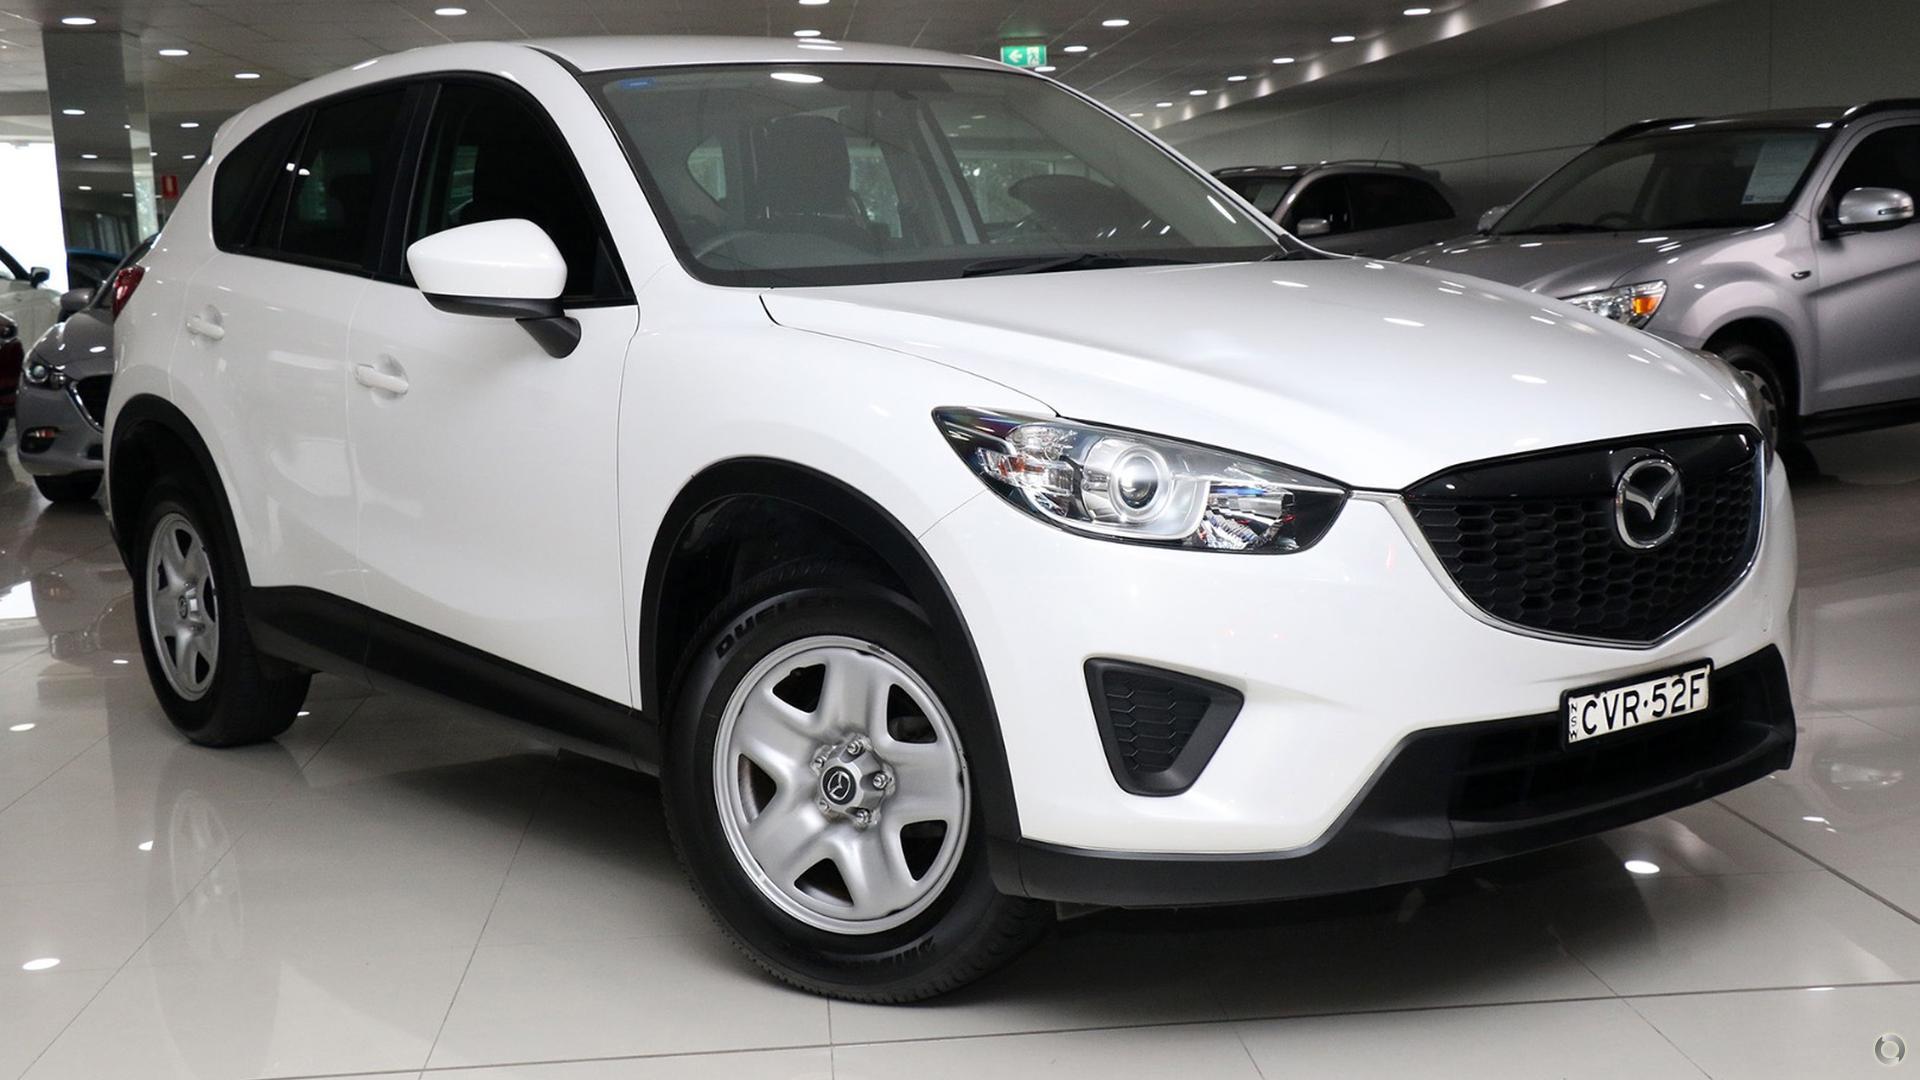 2014 Mazda Cx-5 Maxx